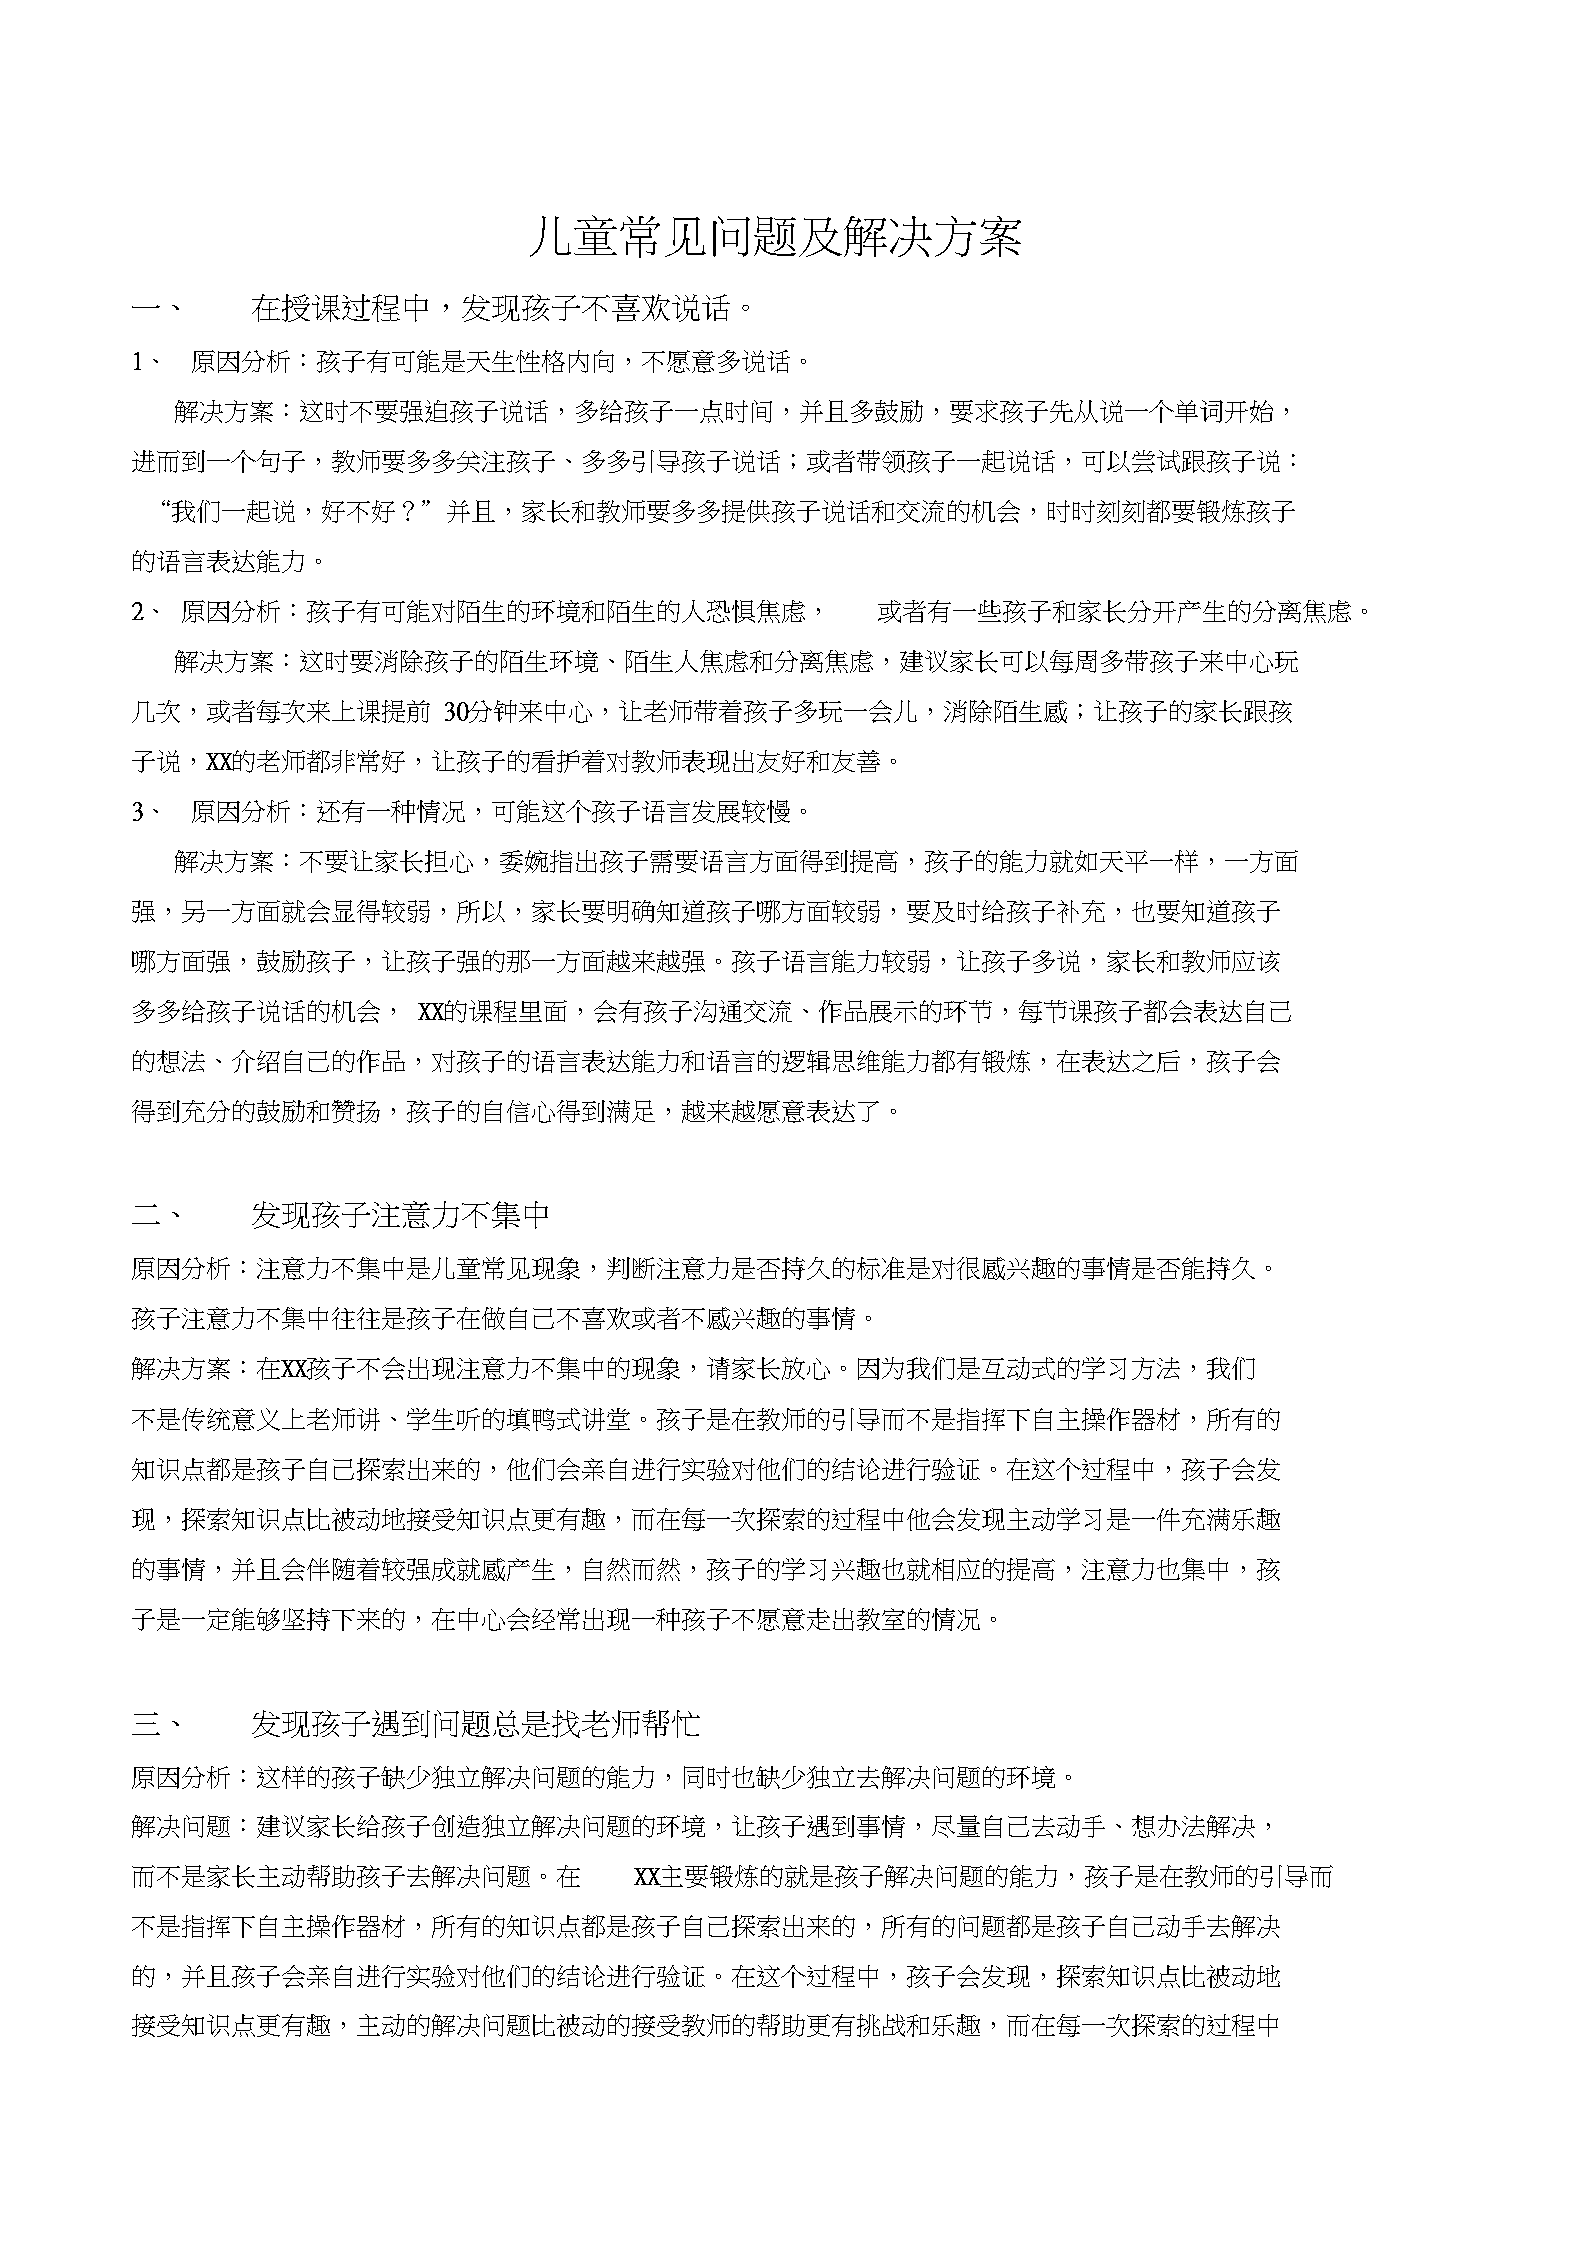 孩子10大问题及解决方案.docx